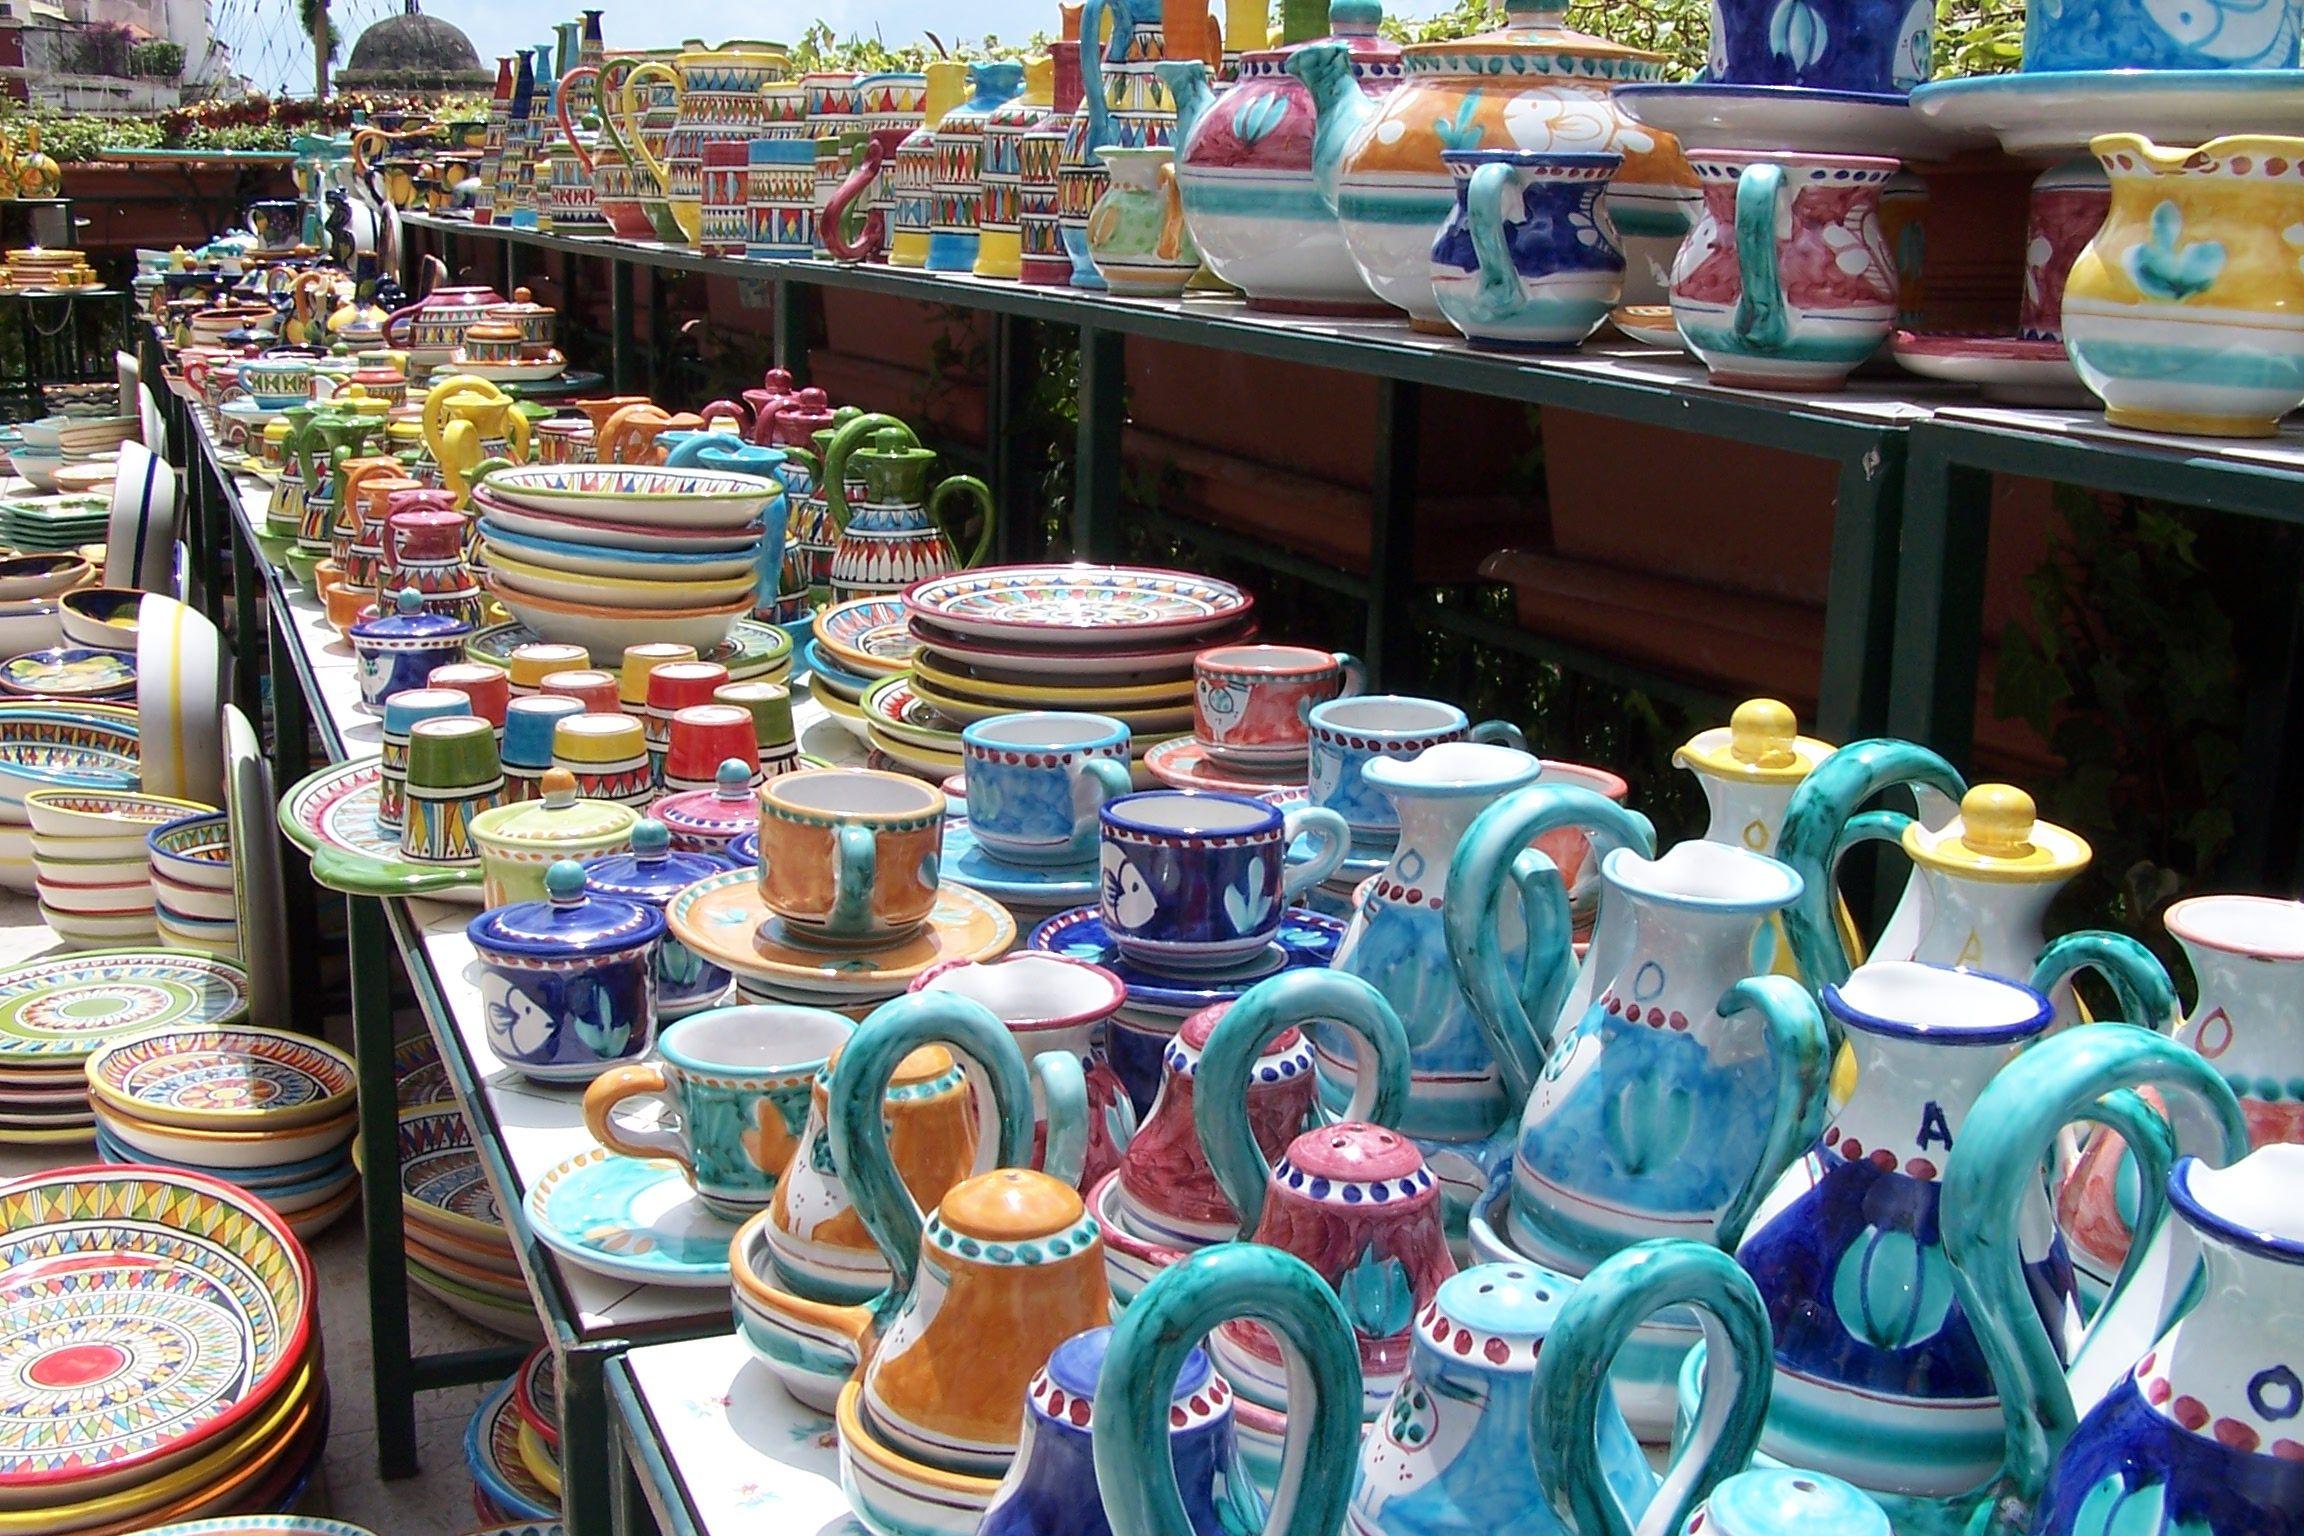 Ceramics in Positano, Italy